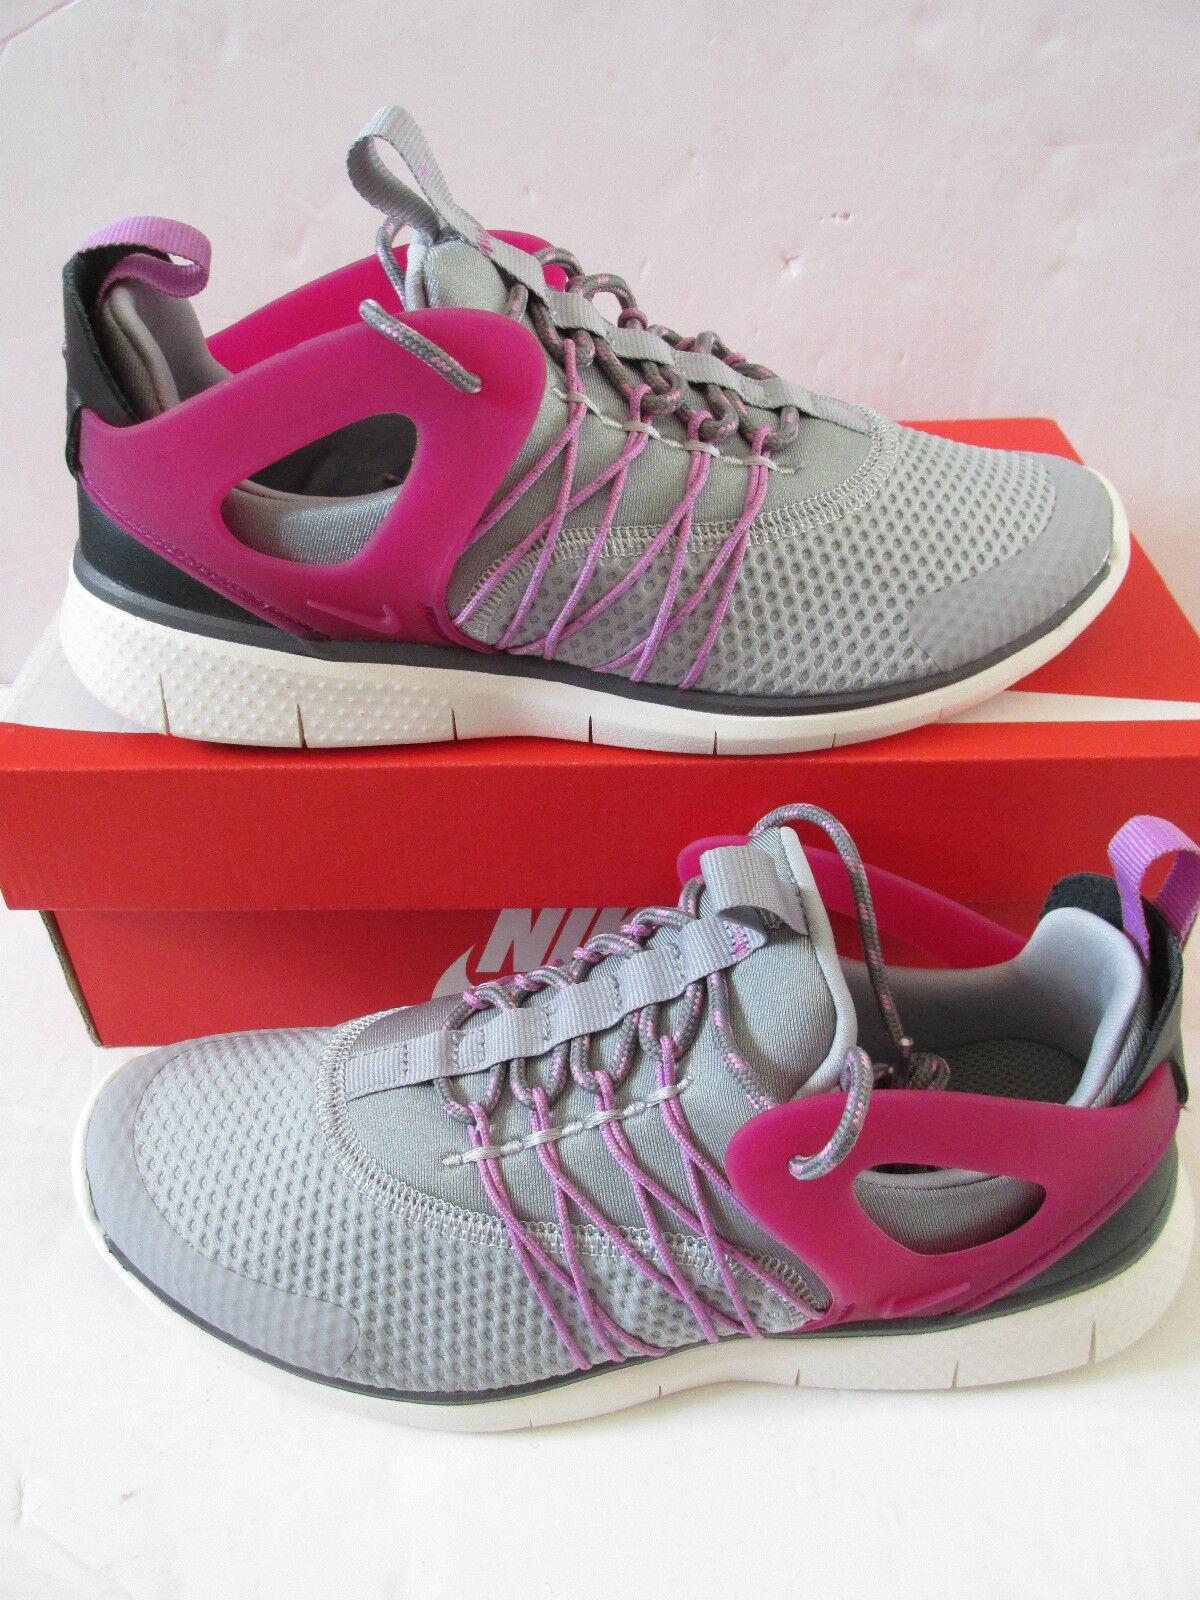 Nike Gratuit Viritous Baskets de Course pour Femmes 725060 002 Baskets